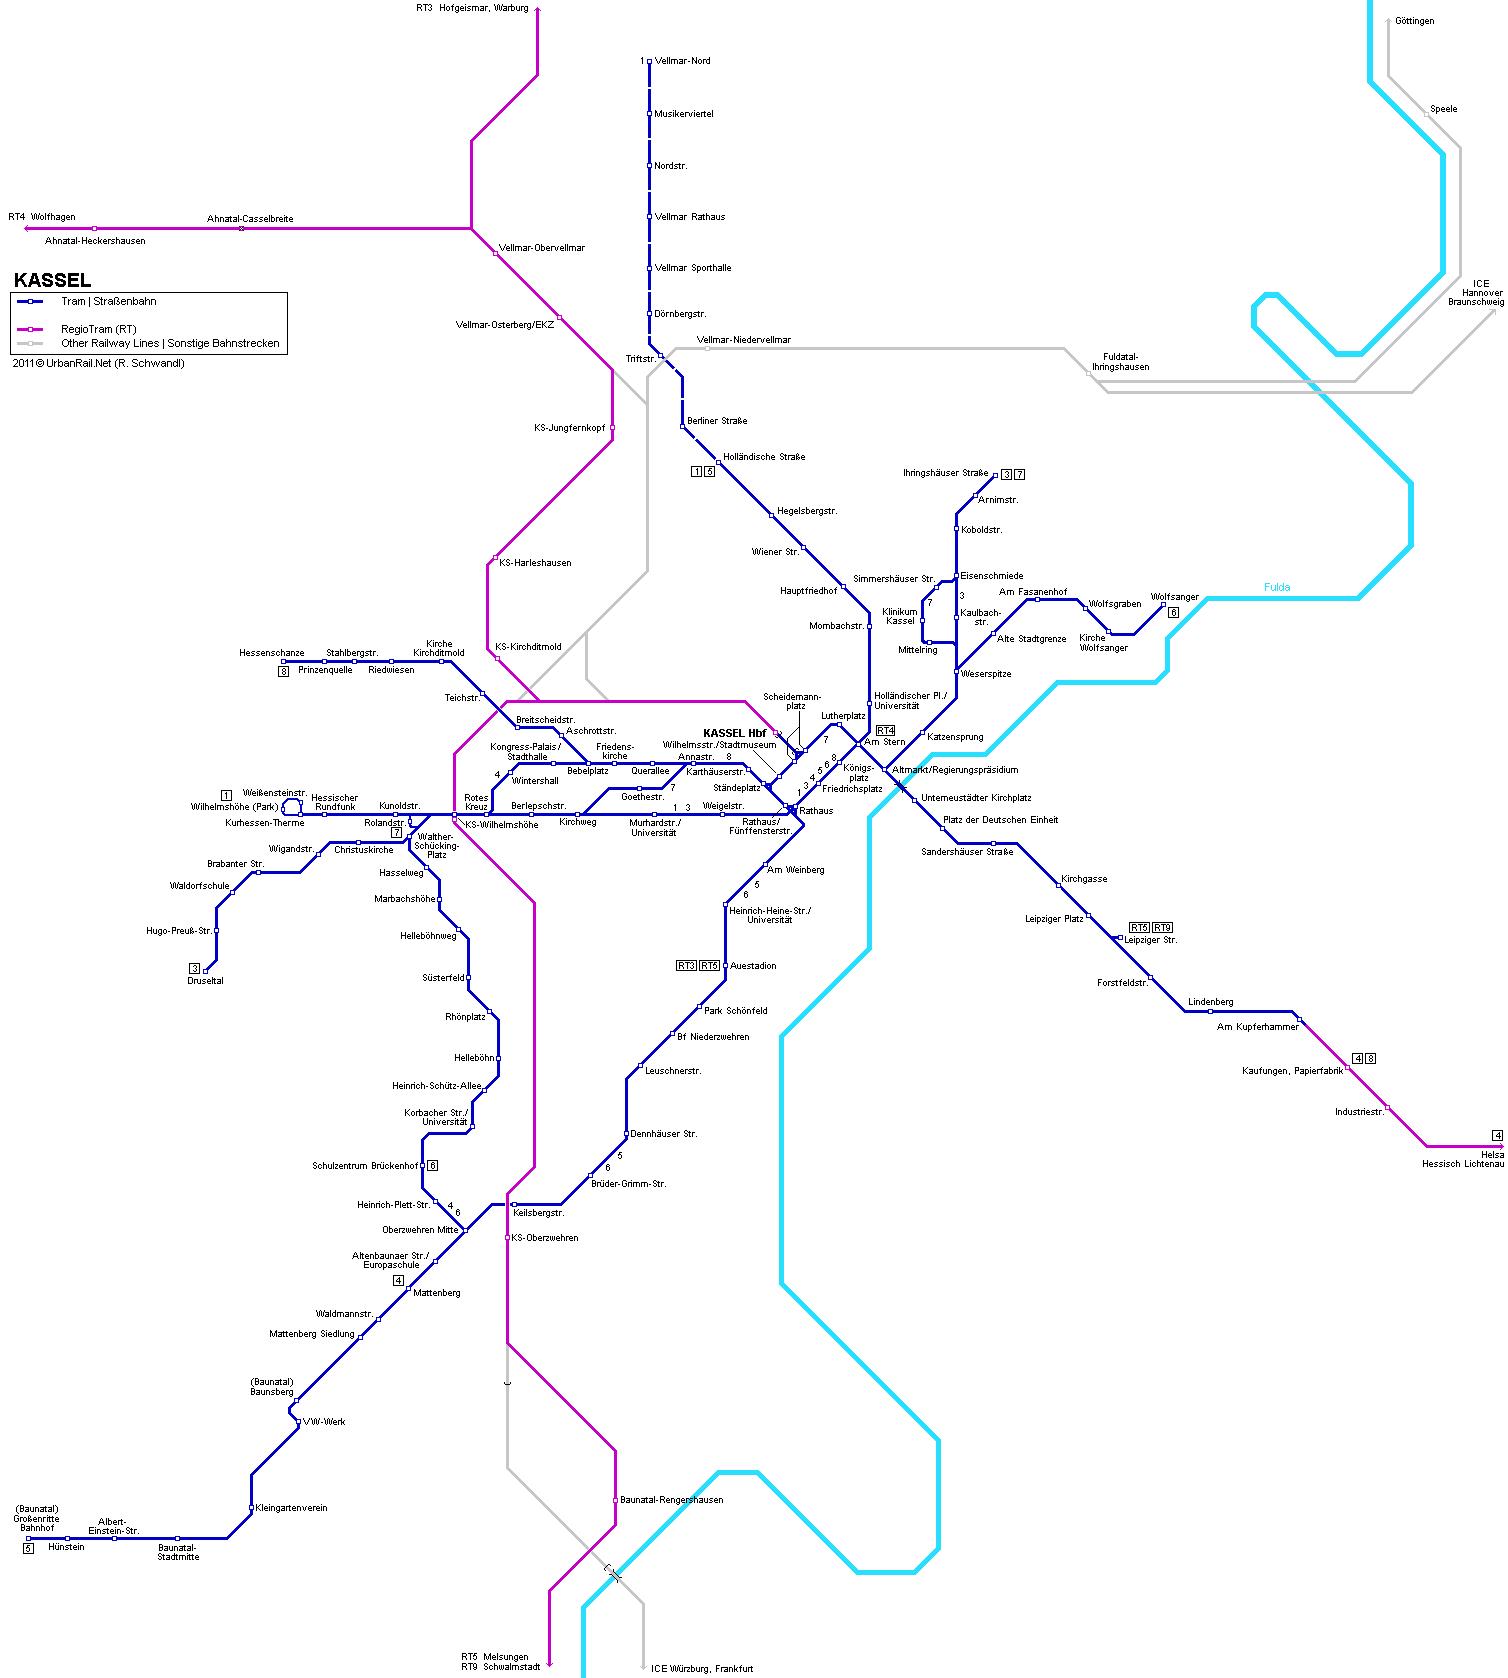 Mapa de tranvías de Kassel